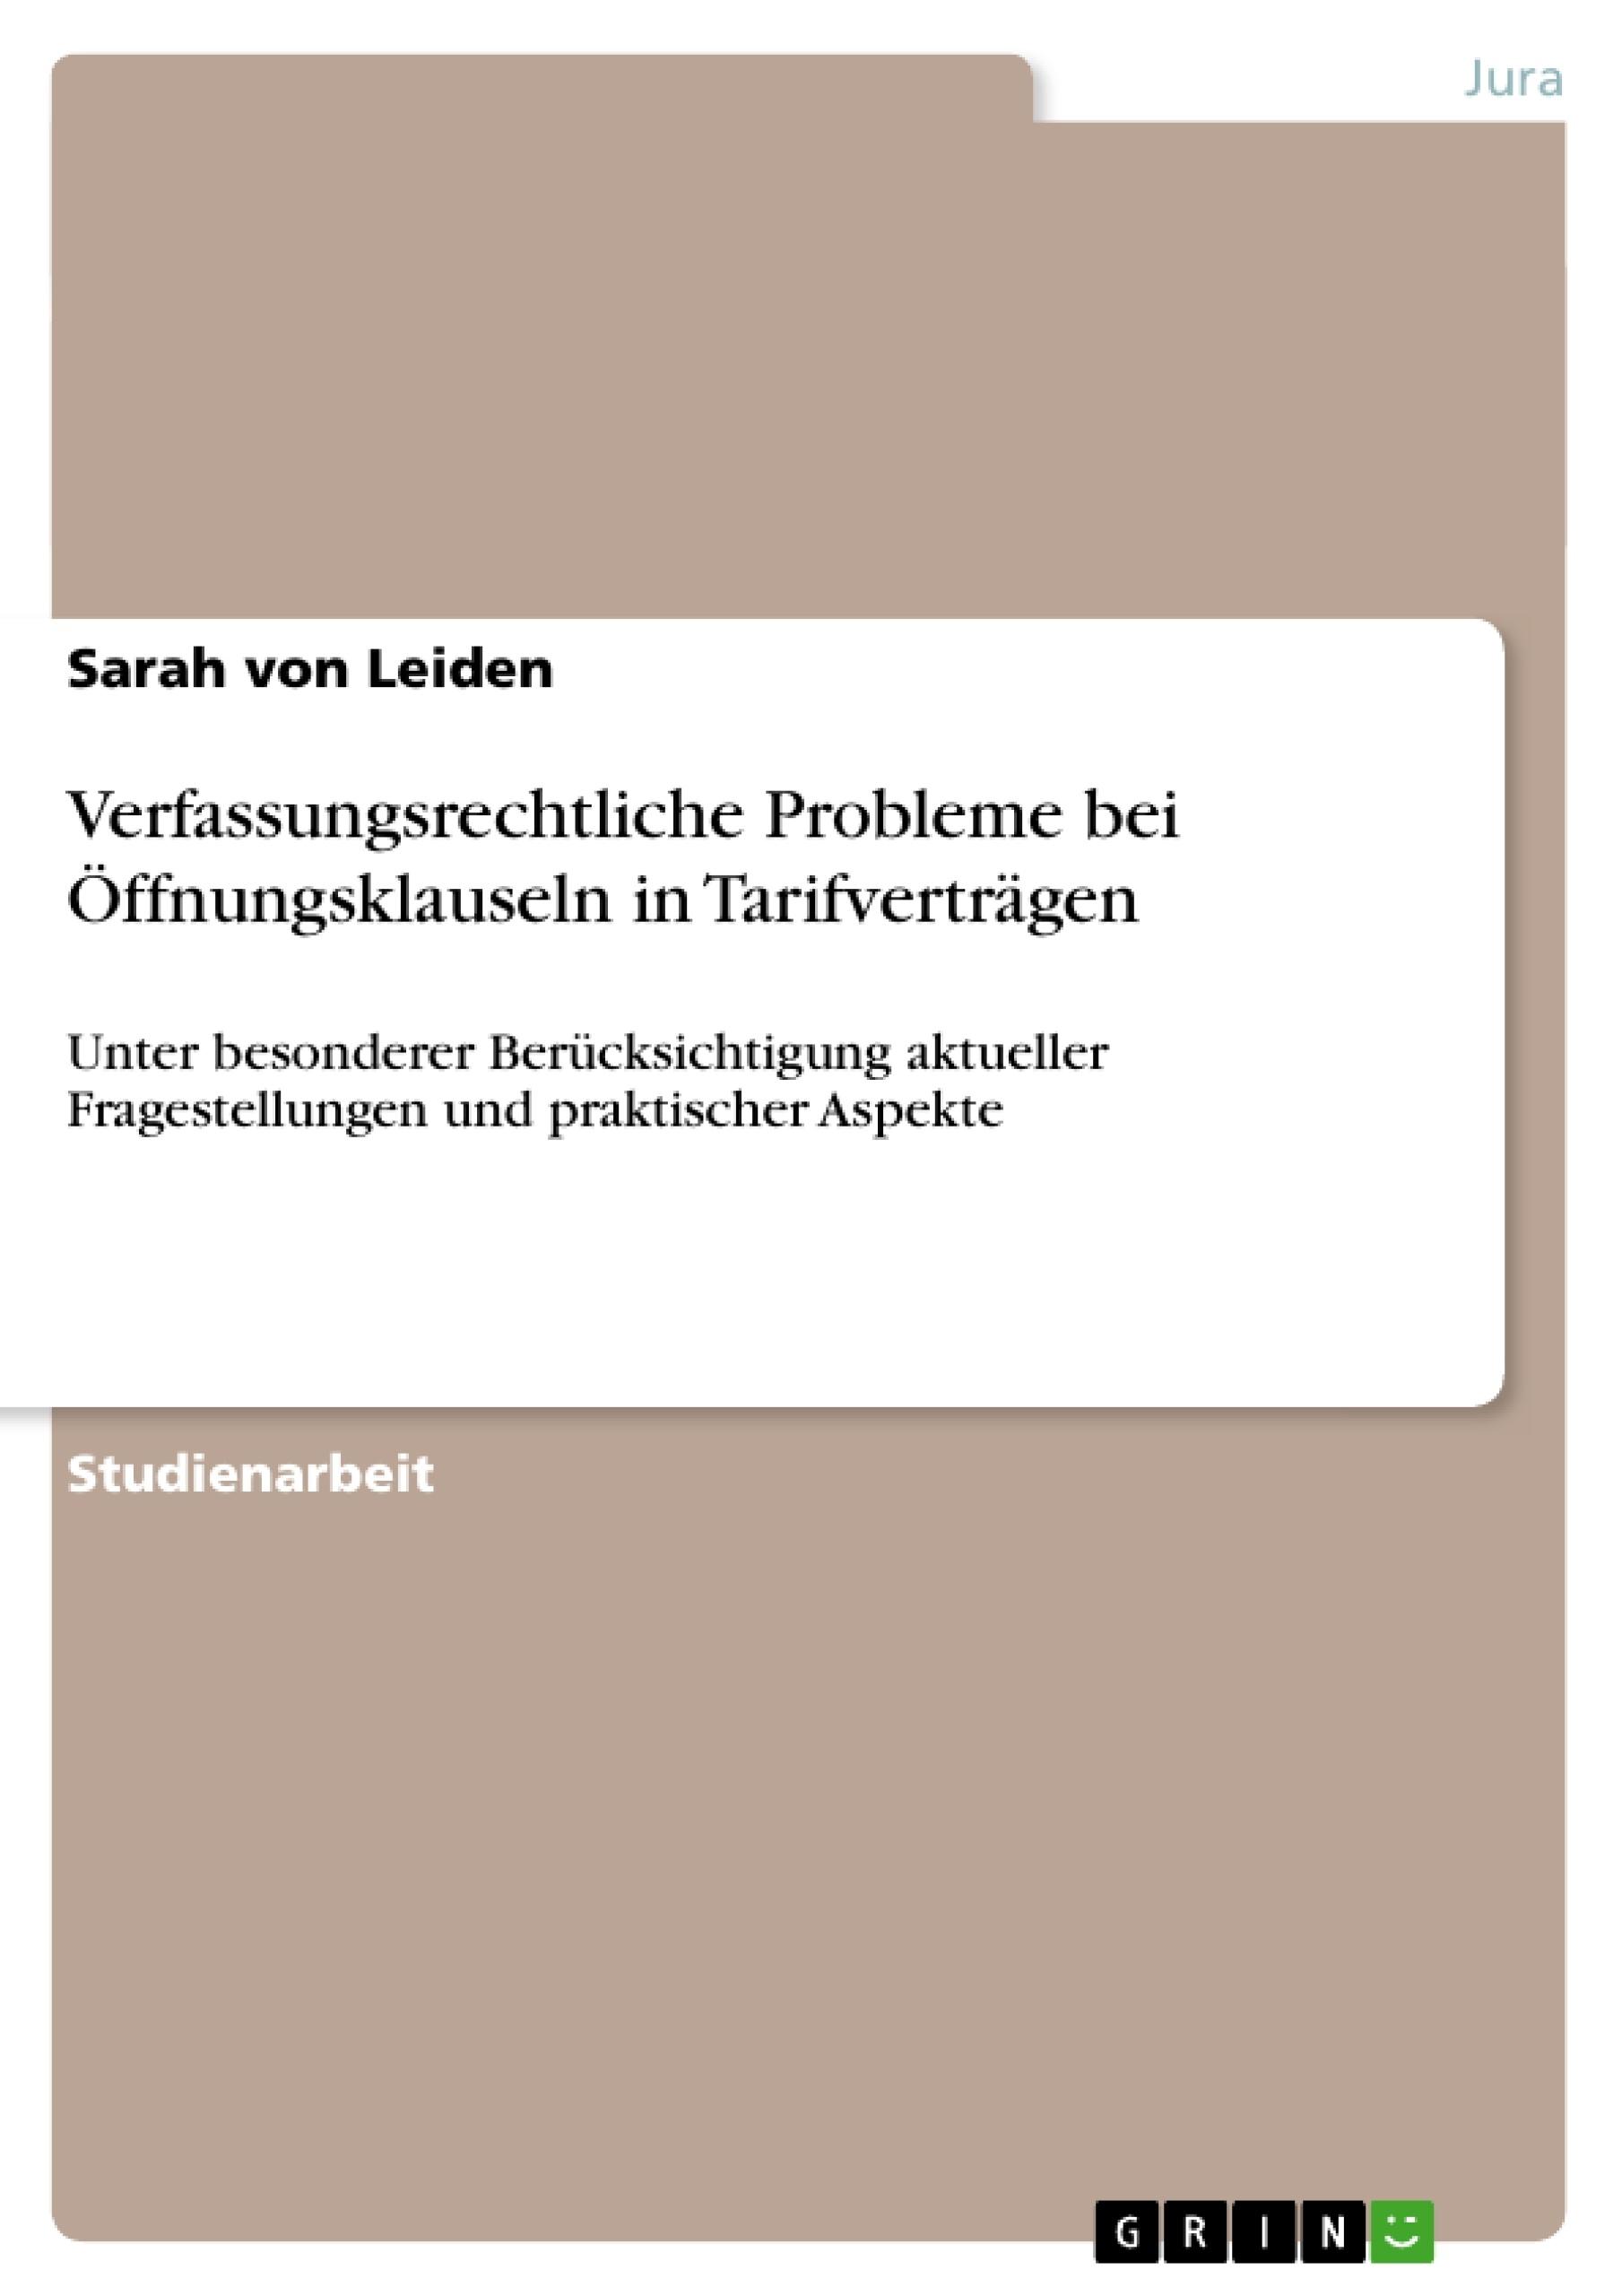 Titel: Verfassungsrechtliche Probleme bei Öffnungsklauseln in Tarifverträgen